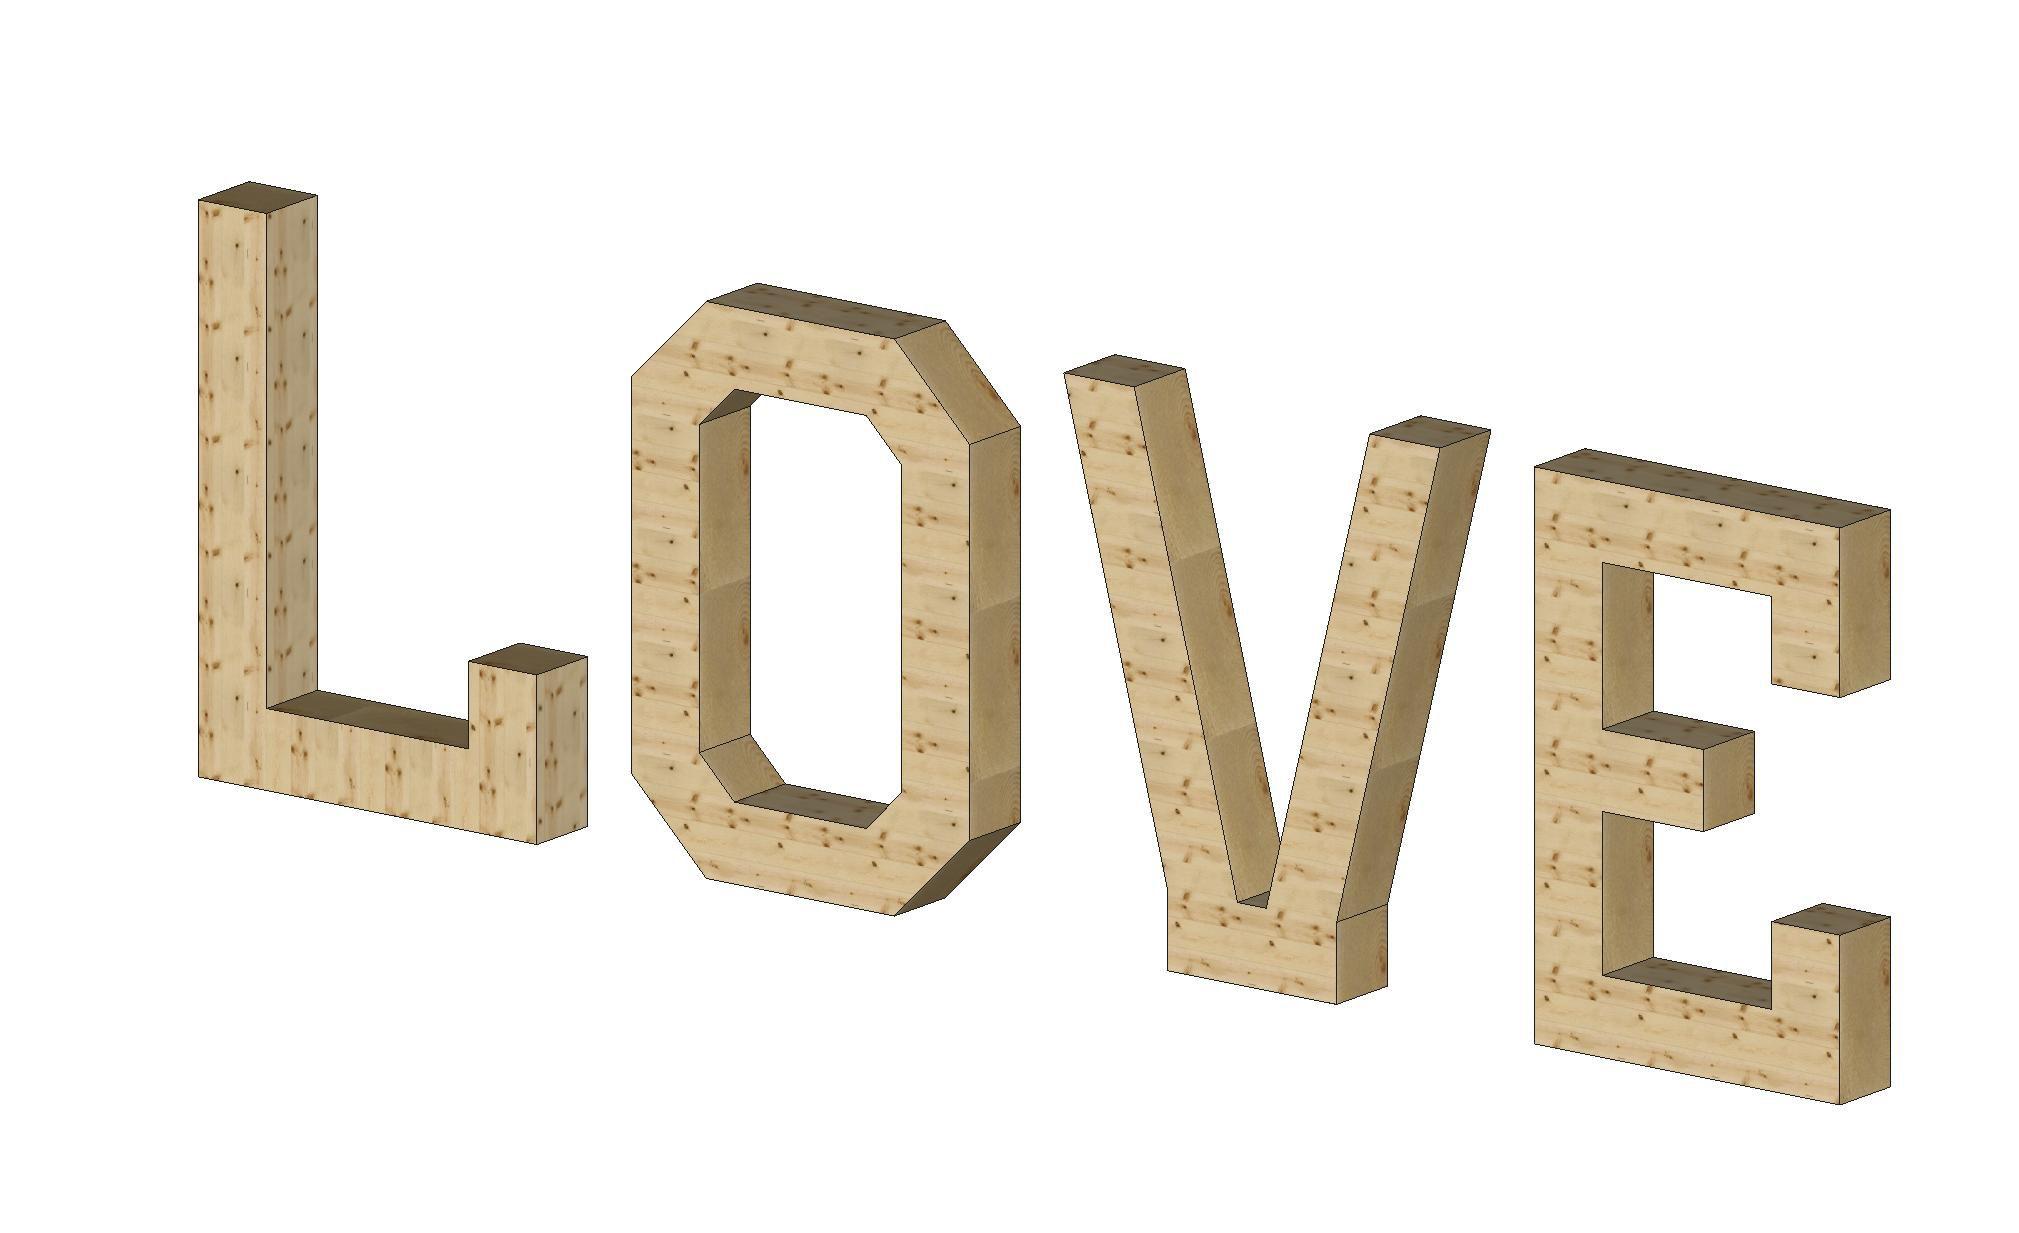 буквы_из_дерева декорация фотосессия фотозона светящиеся_буквы деревянное декорации для_фотосессии love аксессуар деревянные дерево сосна